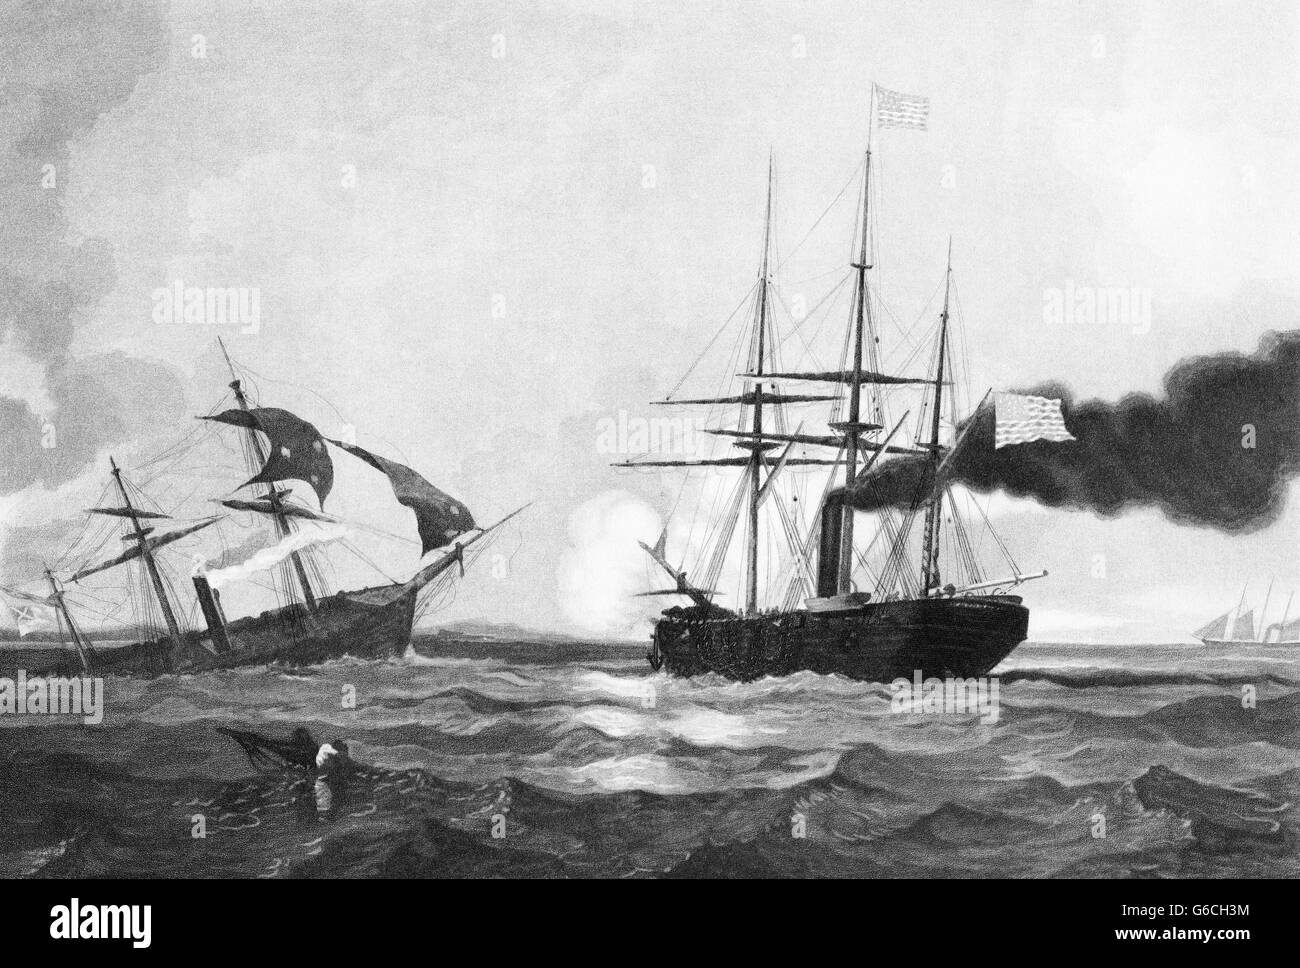 1860 giugno 19 1864 CSS ALABAMA NAUFRAGIO DOPO LA SCONFITTA DA PARTE DELL'UNIONE LA NAVE USS KEARSARGE SUPERSTITE Immagini Stock